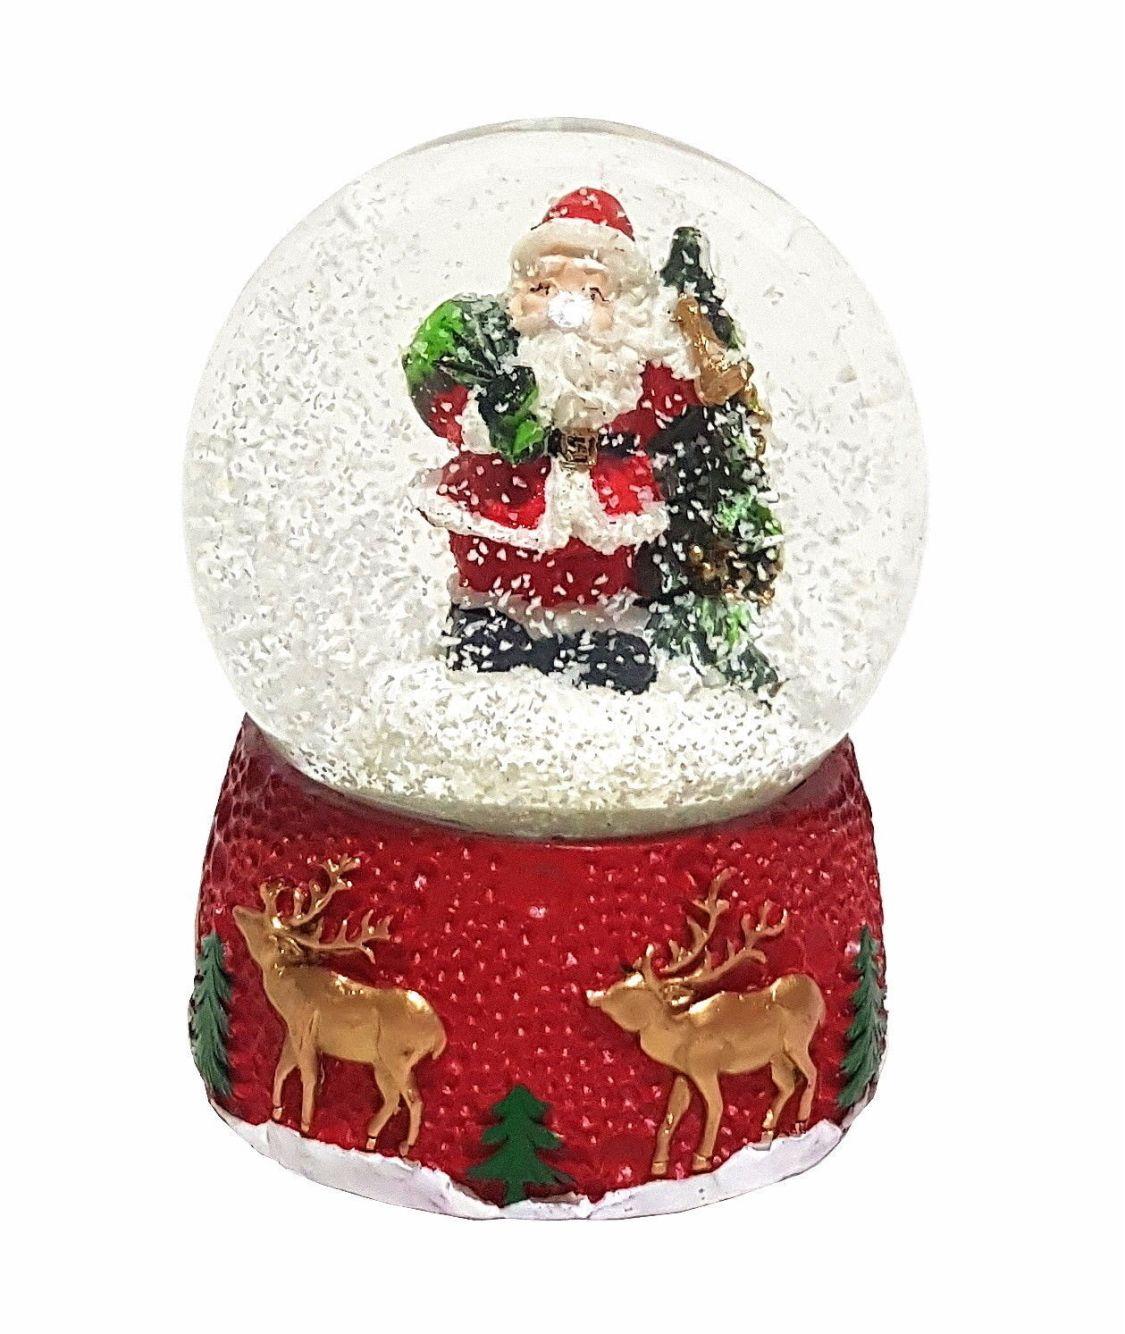 Schneekugel Weihnachtskugel Weihnachtsmann Weihnachten Weihnachtsdekoration Xmas